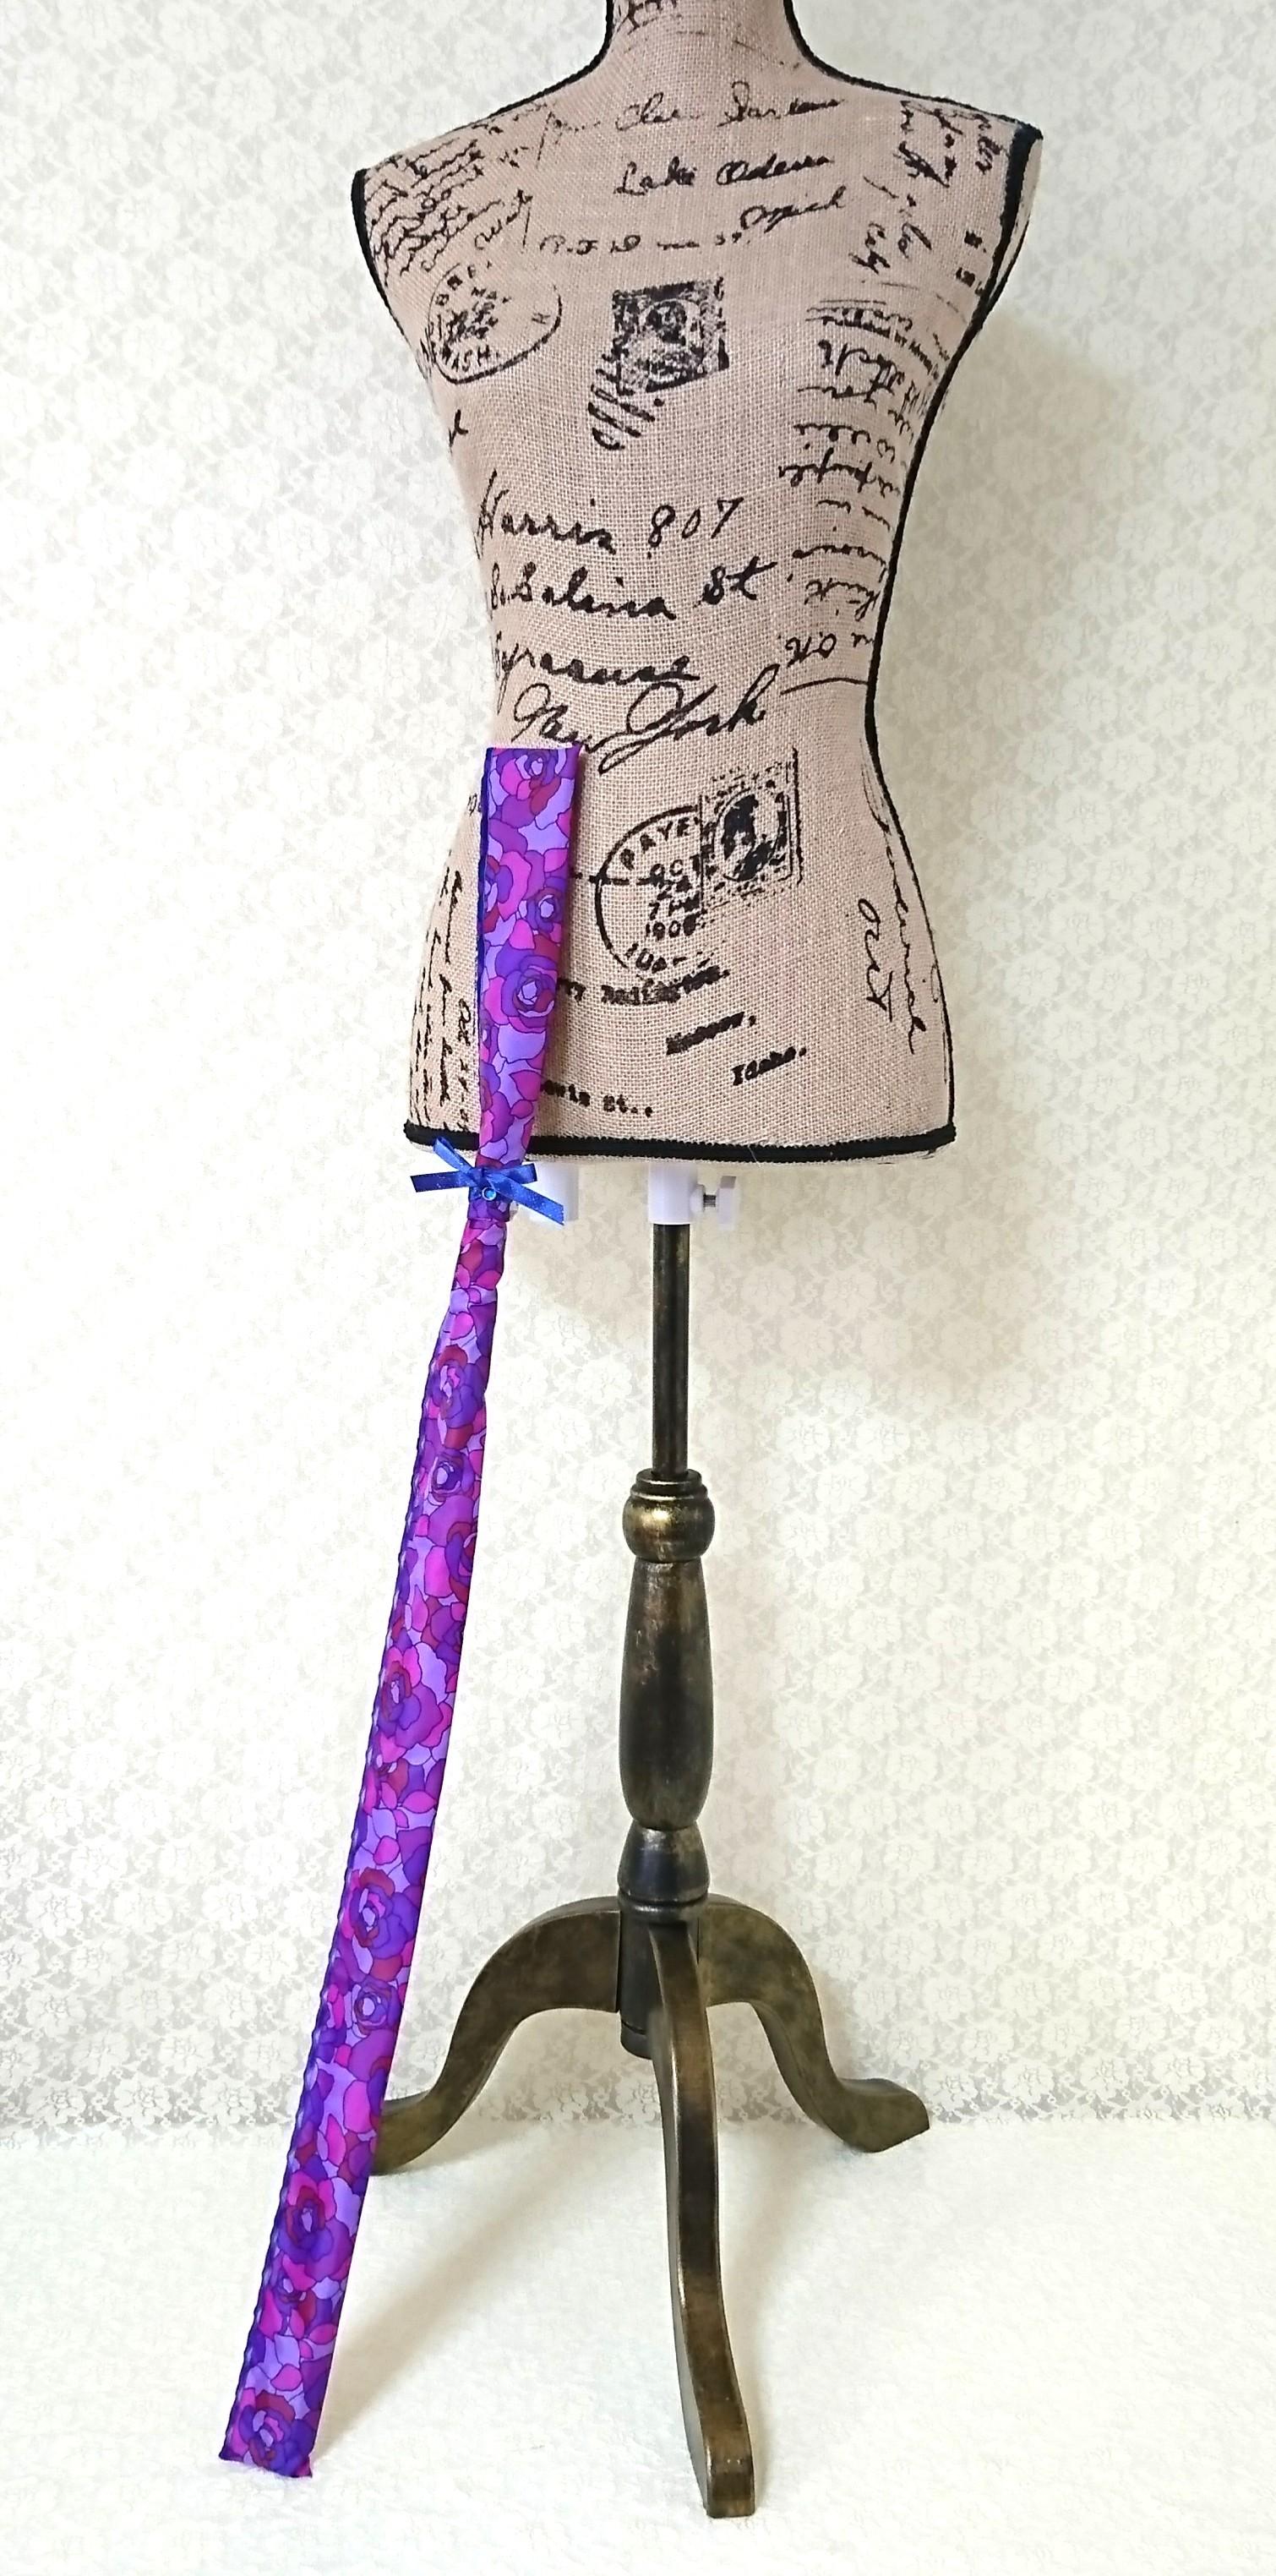 スティック型撥水アサヤケース【紫のバラ × ブルーリボン】★送料無料★